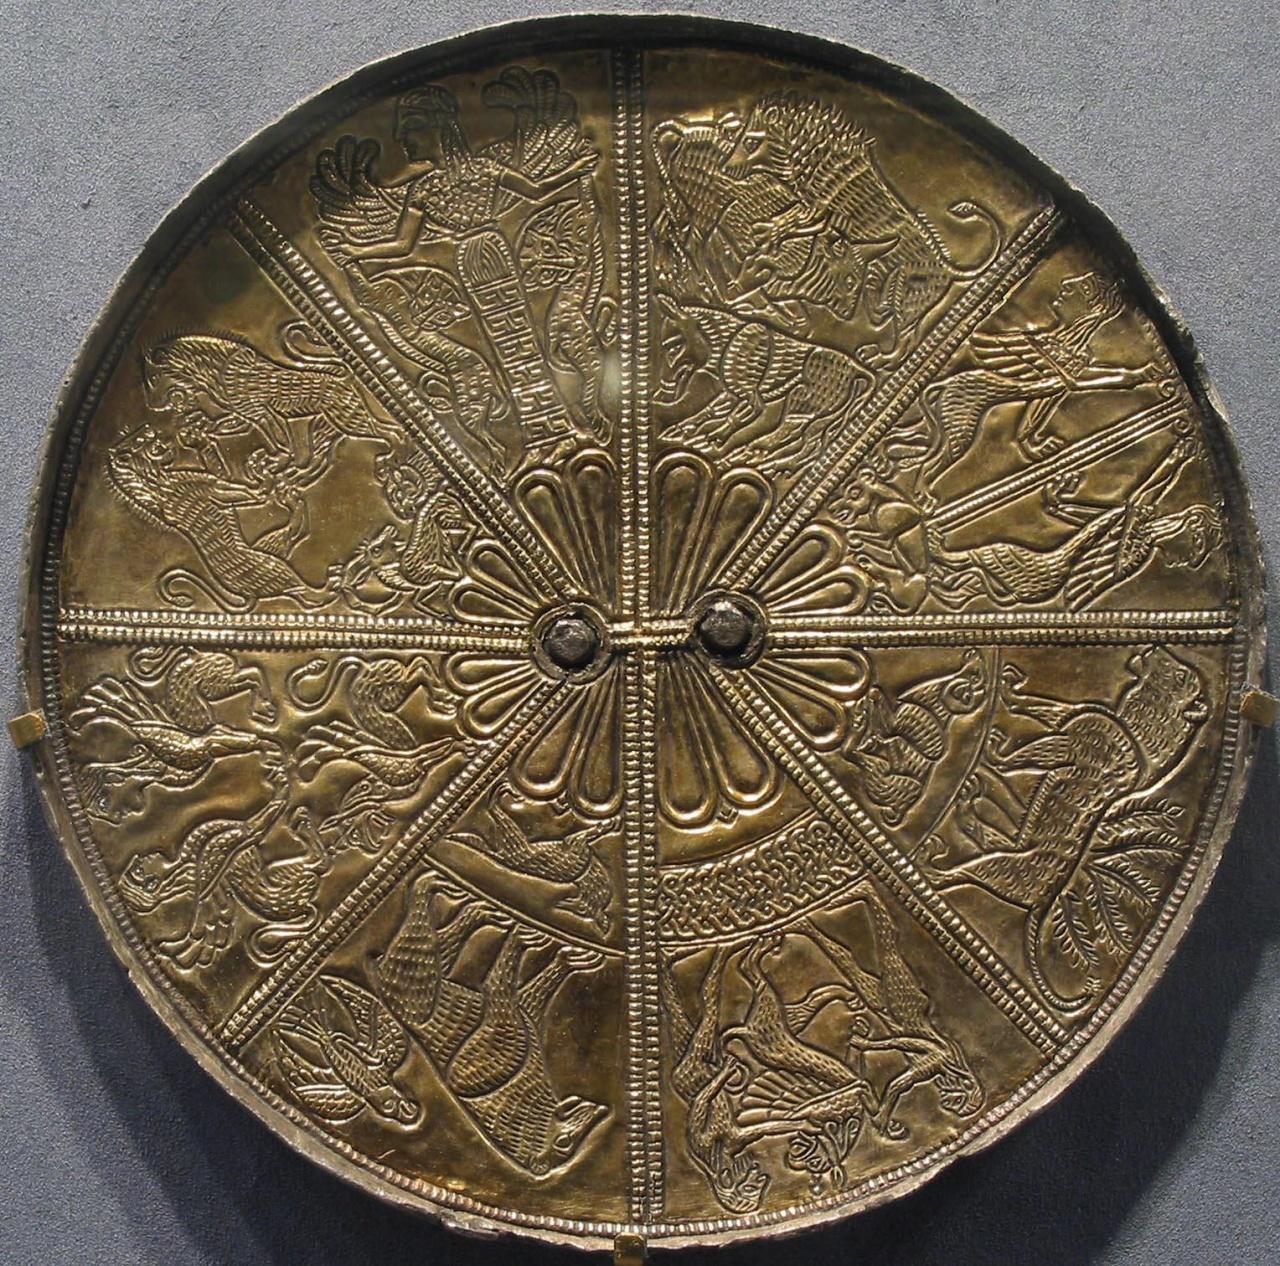 Зеркало из Келермесского кургана в Золотой кладовой Эрмитажа